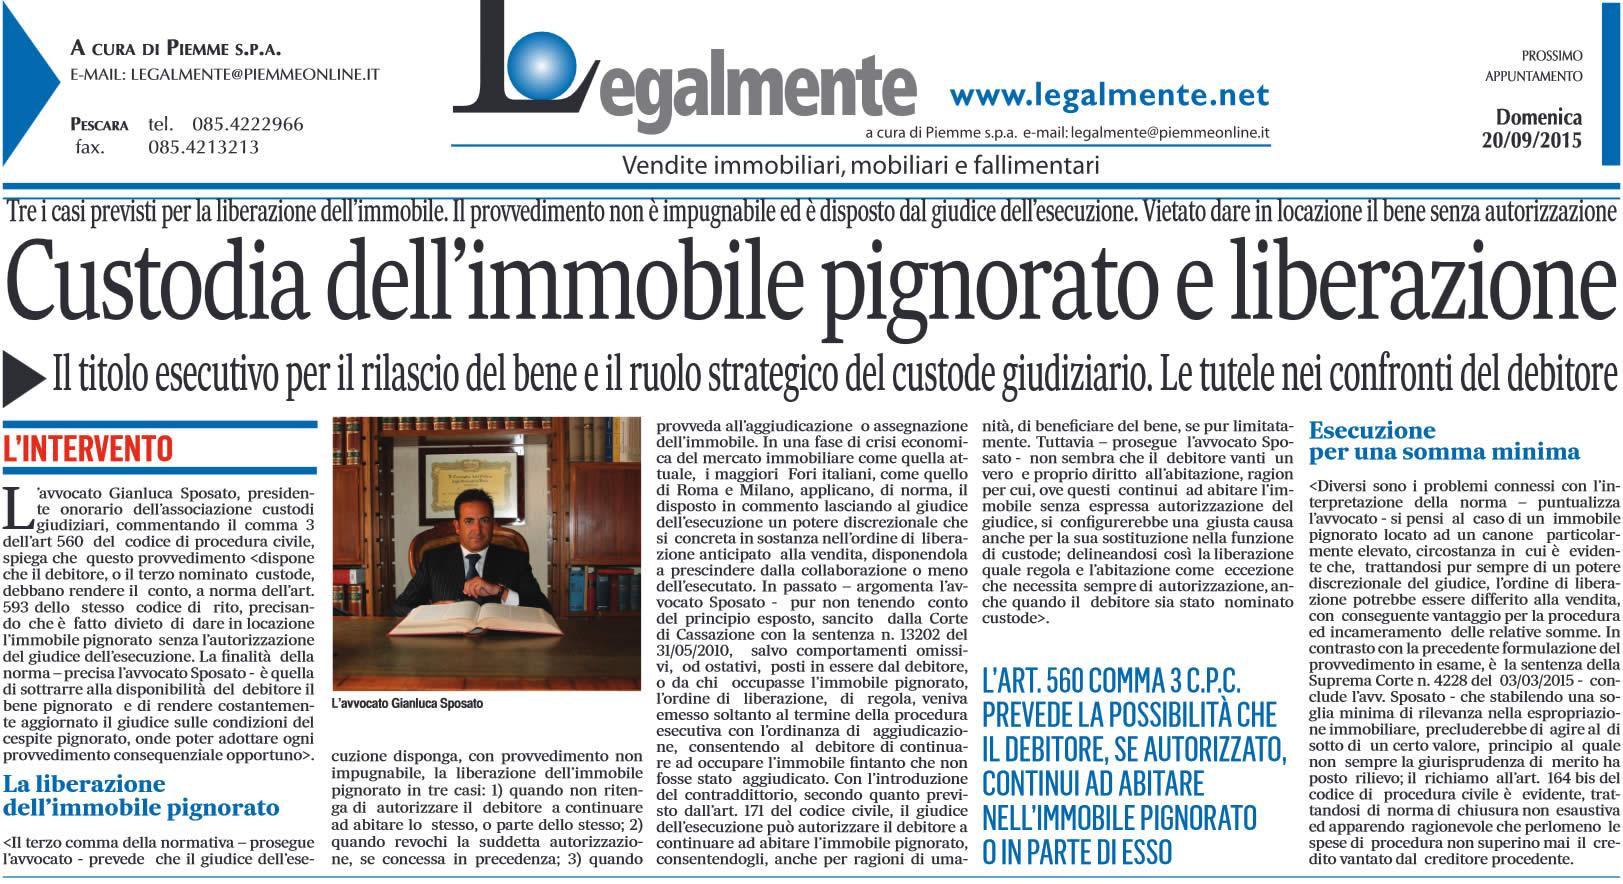 """Il Messaggero: """"Custodia dell'immobile pignorato e liberazione"""""""